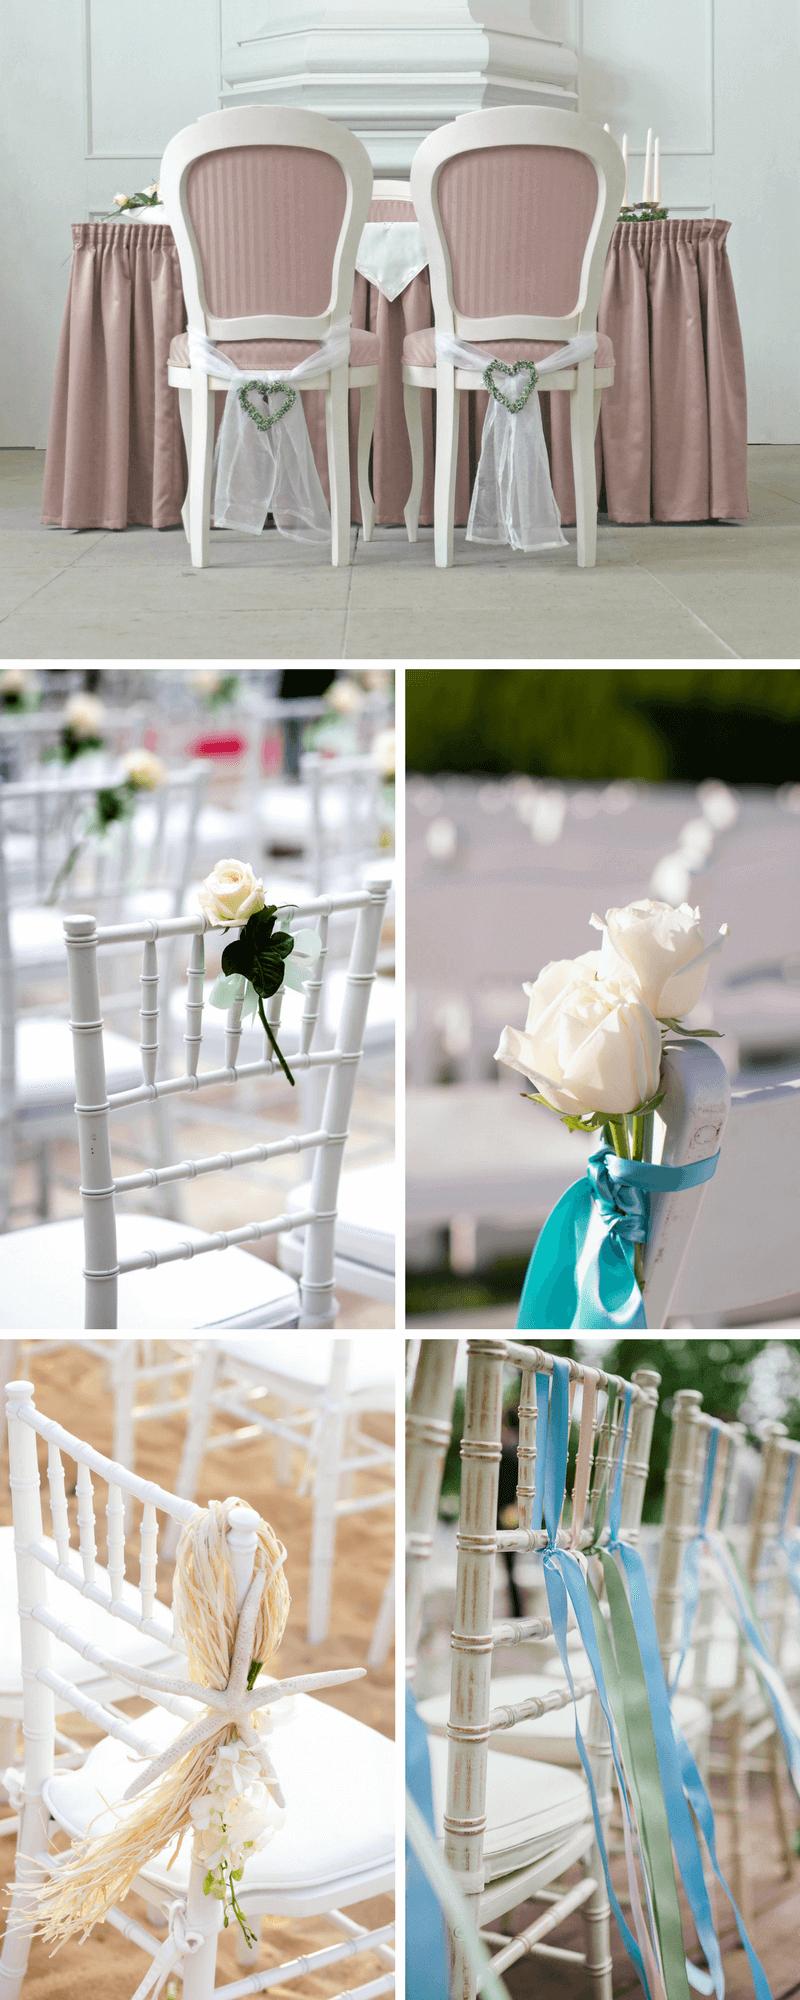 Stuhl Deko Hochzeit 22 einfache diy stuhldeko ideen für die hochzeit hochzeitskiste